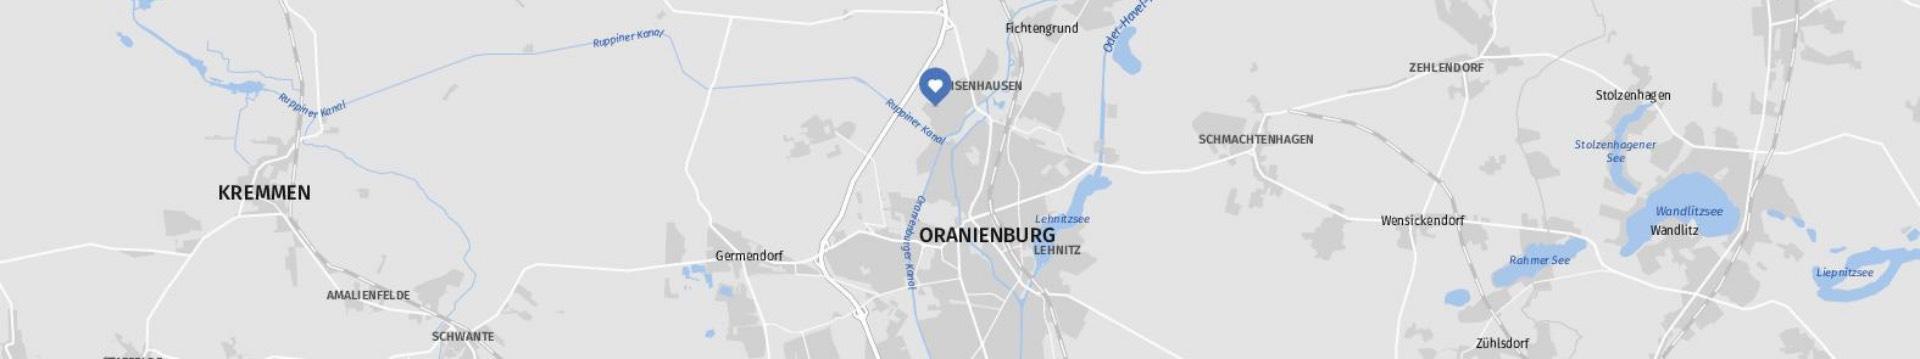 Ines Hinz | Praxis für Bewusstsein: Platzhalter für Google-Maps-Karte